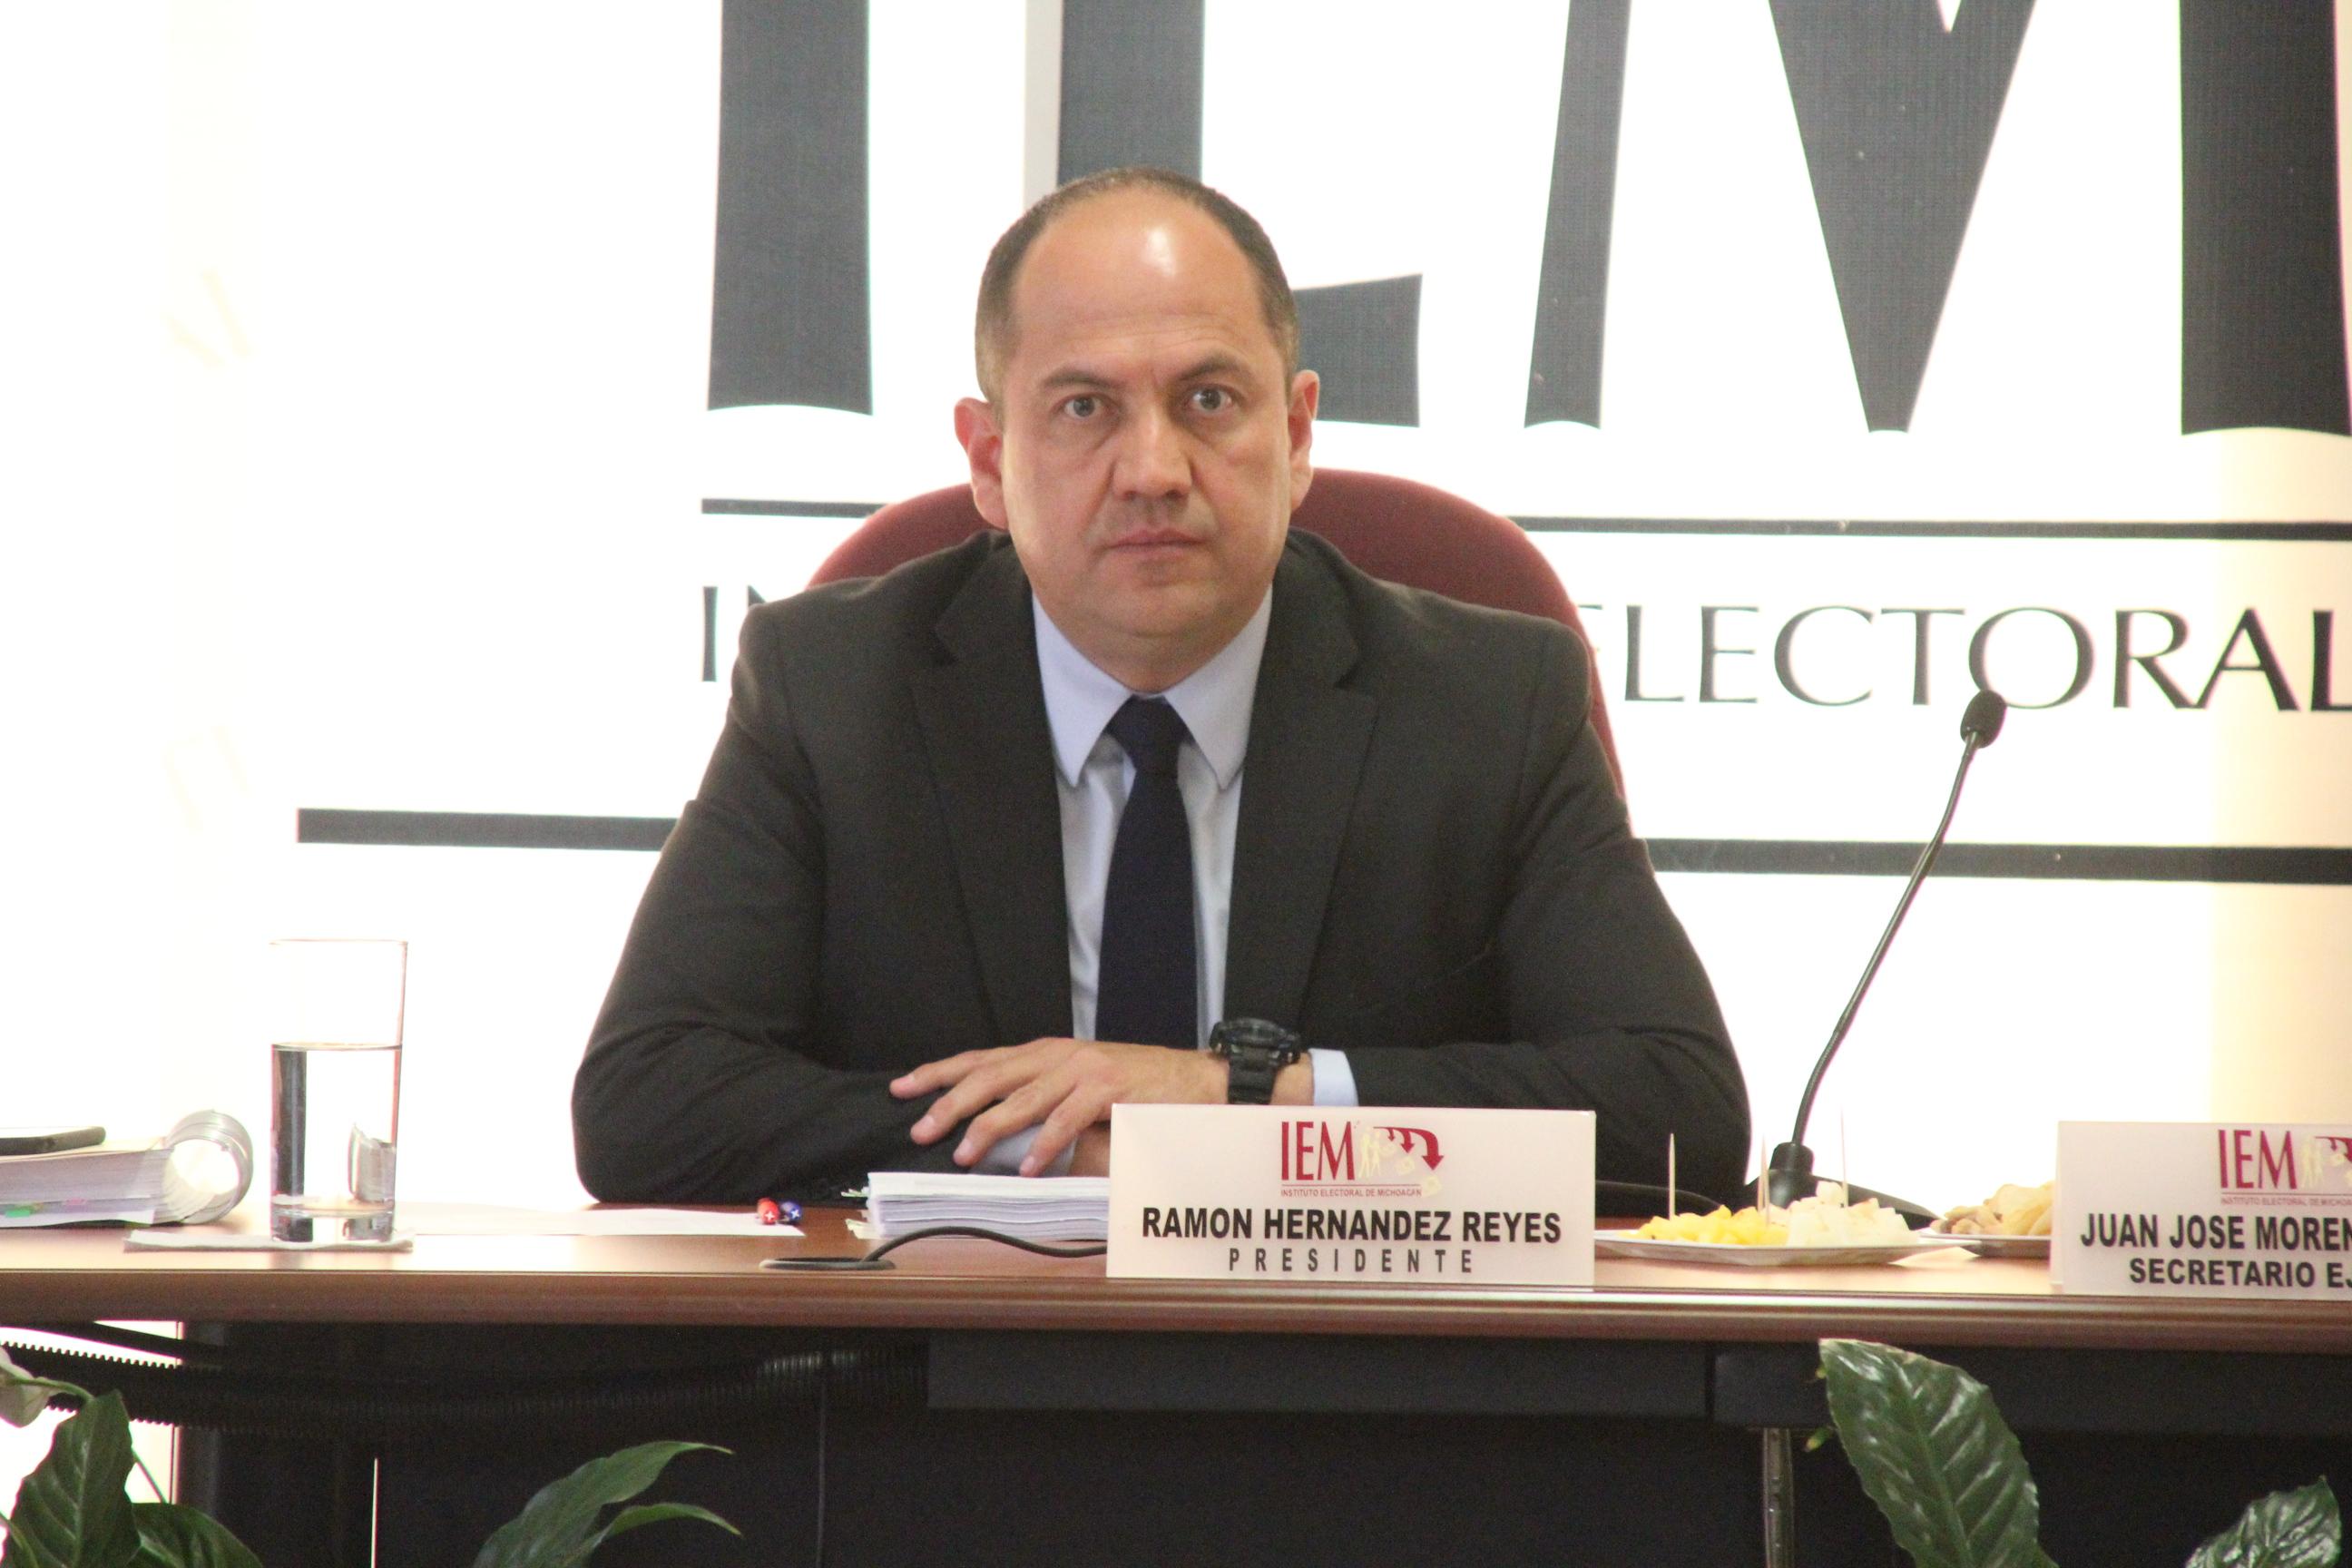 Ramón Hernández Reyes